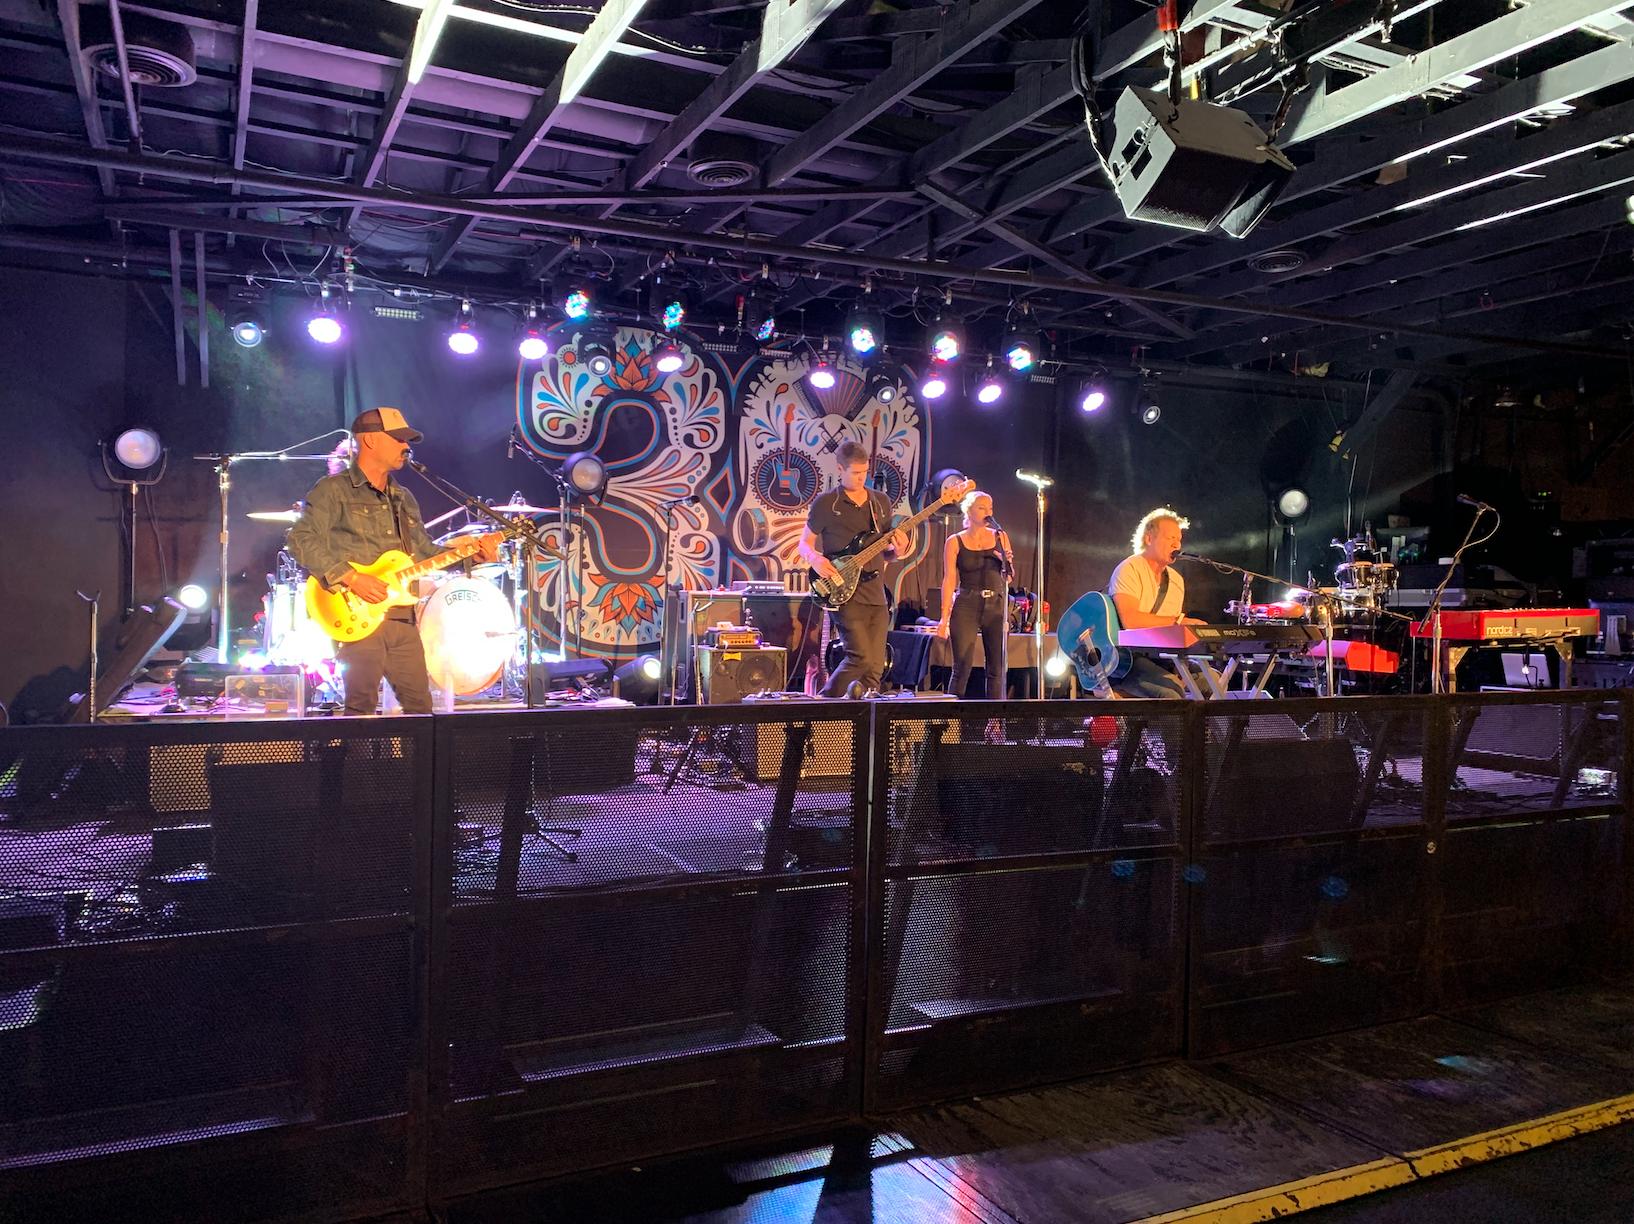 The Gary Douglas Band at The Stone Pony Mavericks 30th